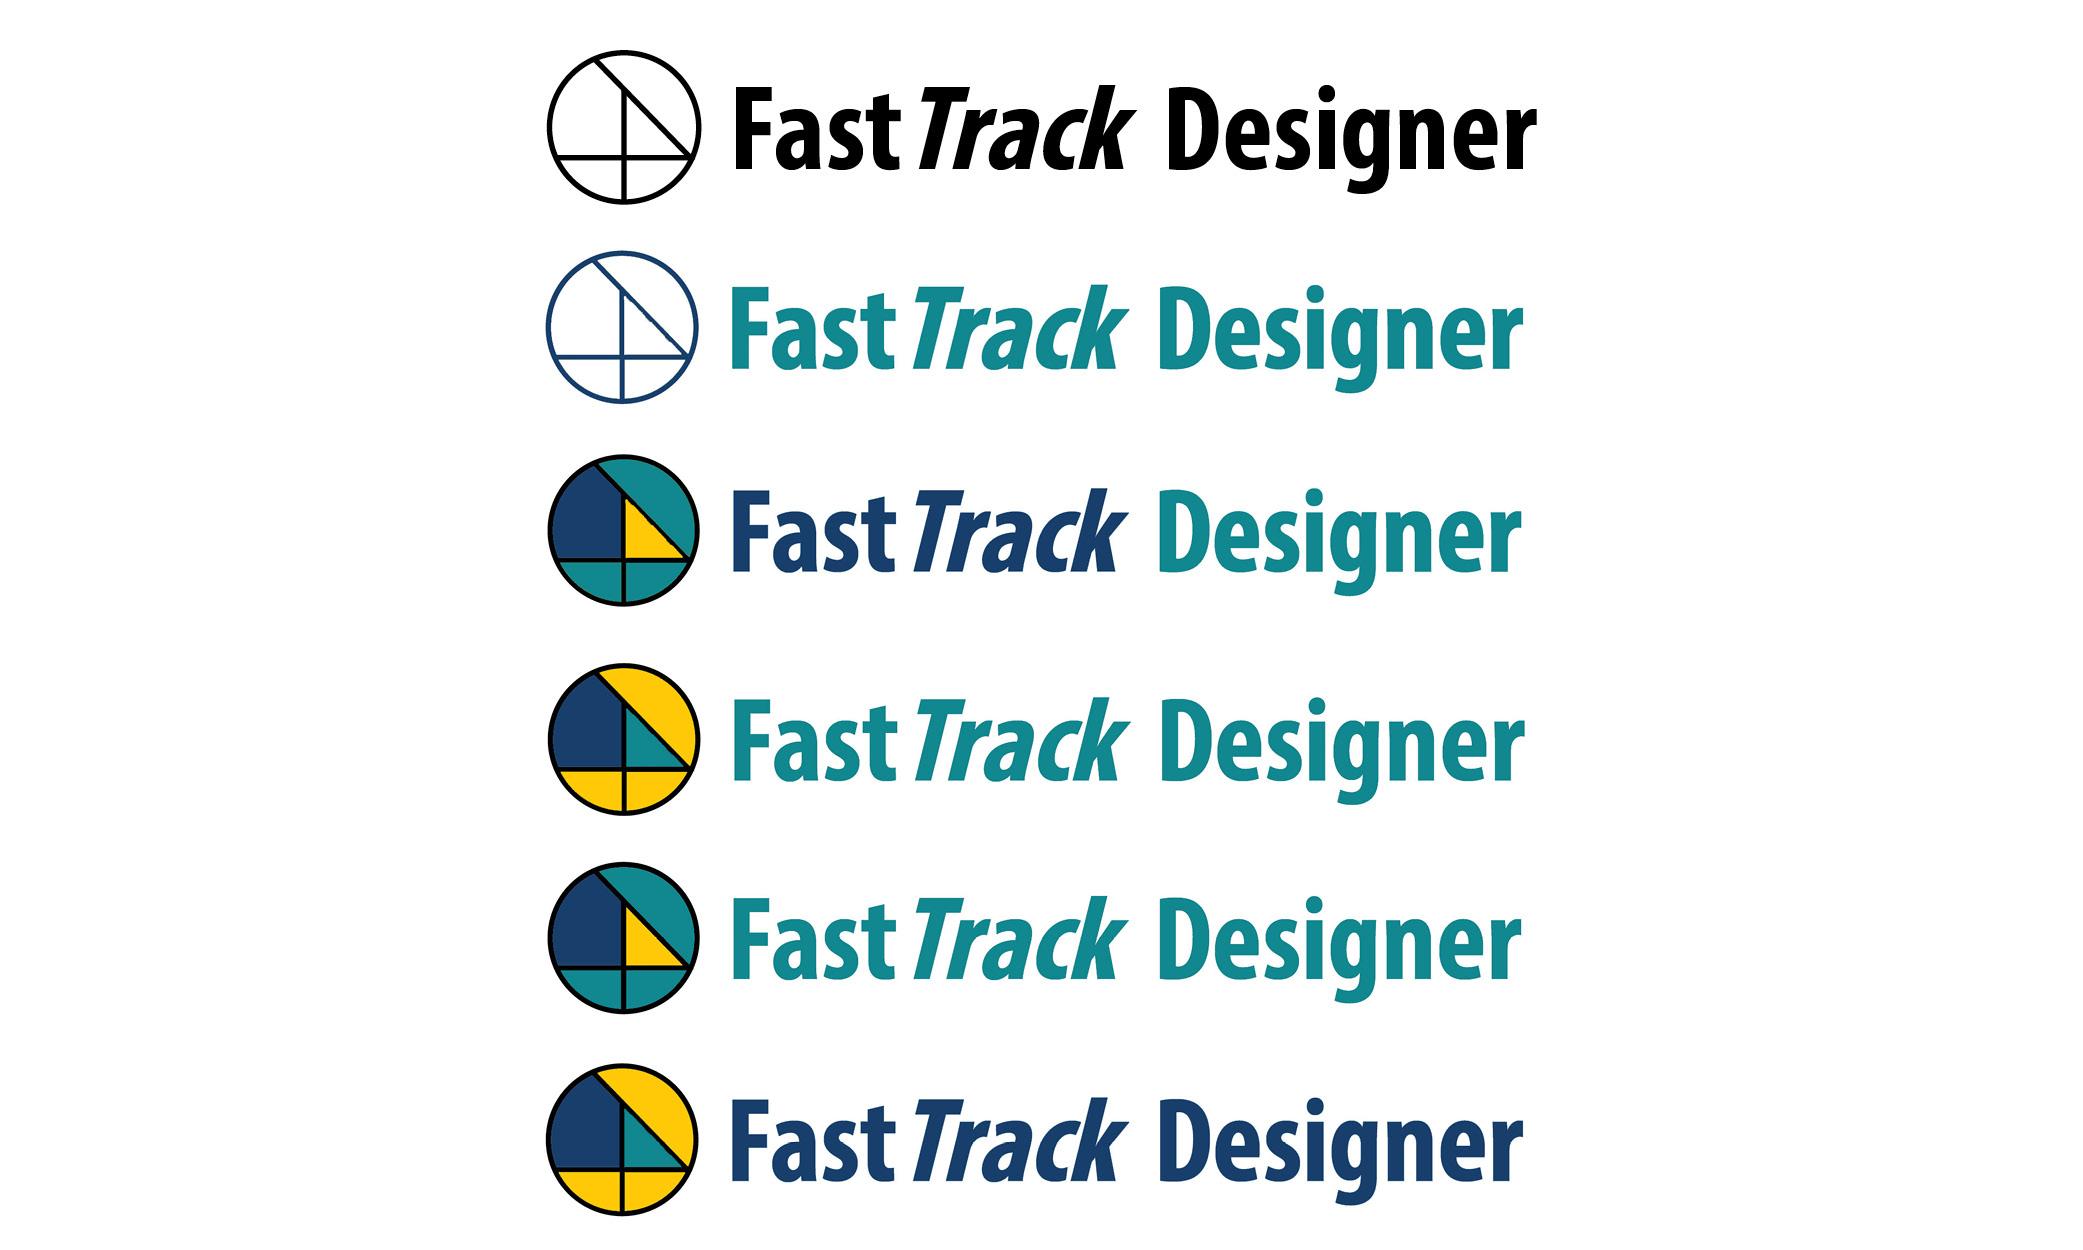 FastTrack Designer_logos.jpg